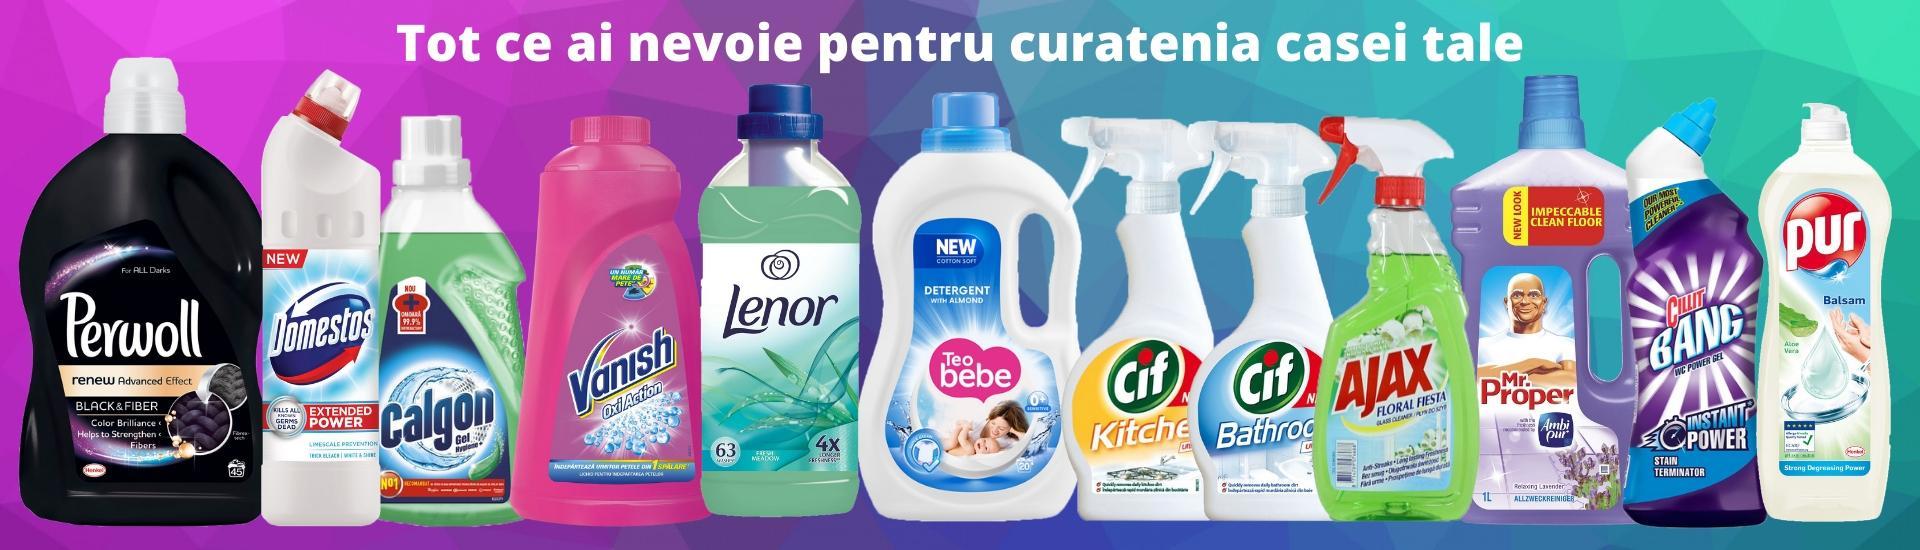 Tot ce ai nevoie pentru curatarea casei tale